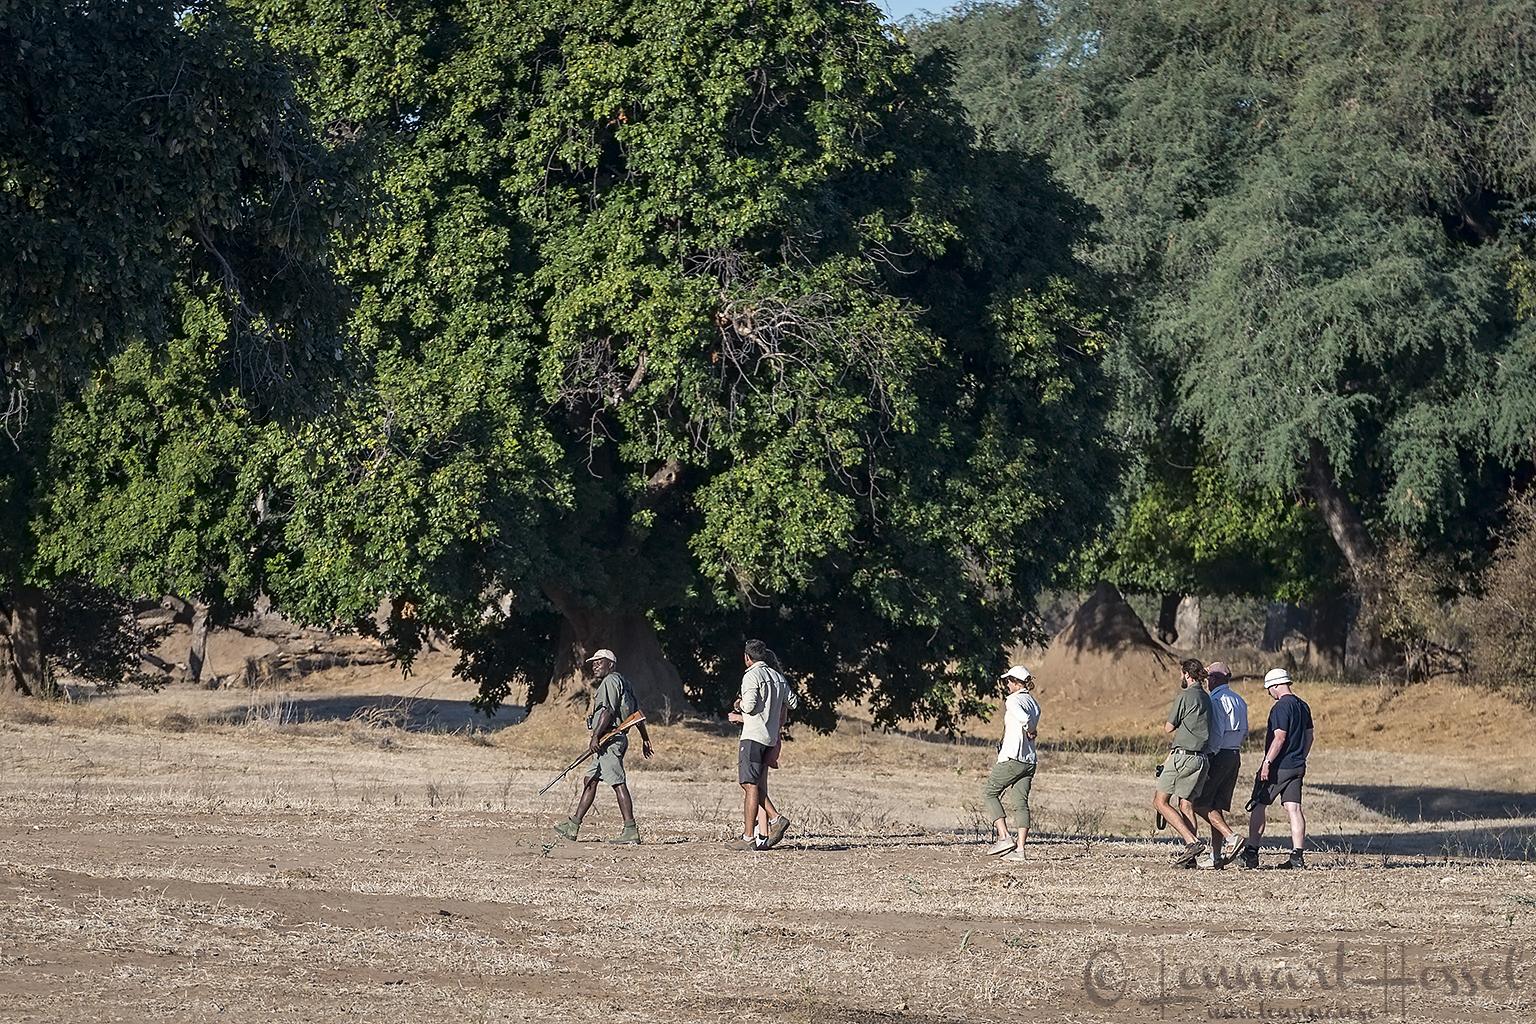 Game walk Mana Pools National Park Zimbabwe